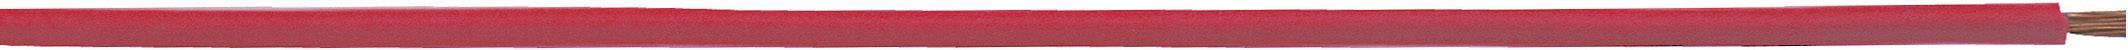 Opletenie / lanko LappKabel 4510011 H05V-K, 1 x 0.50 mm², vonkajší Ø 2.10 mm, 100 m, čierna